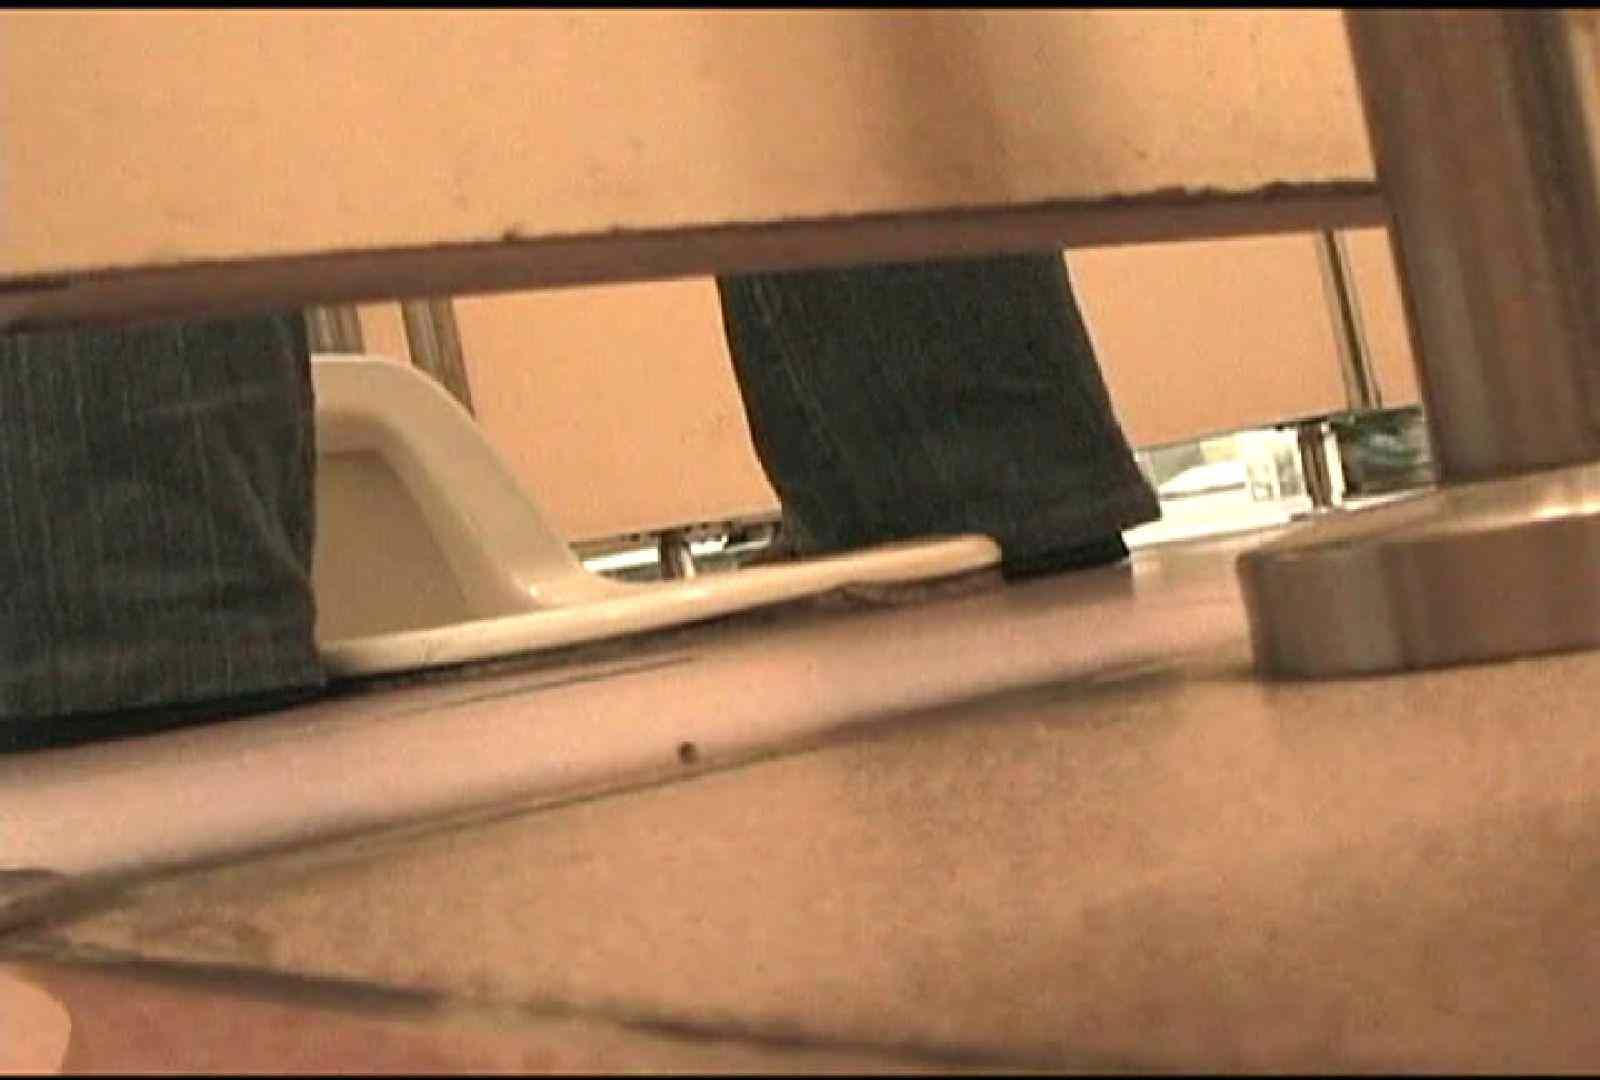 マンコ丸見え女子洗面所Vol.50 OLエロ画像 のぞきエロ無料画像 49PICs 22